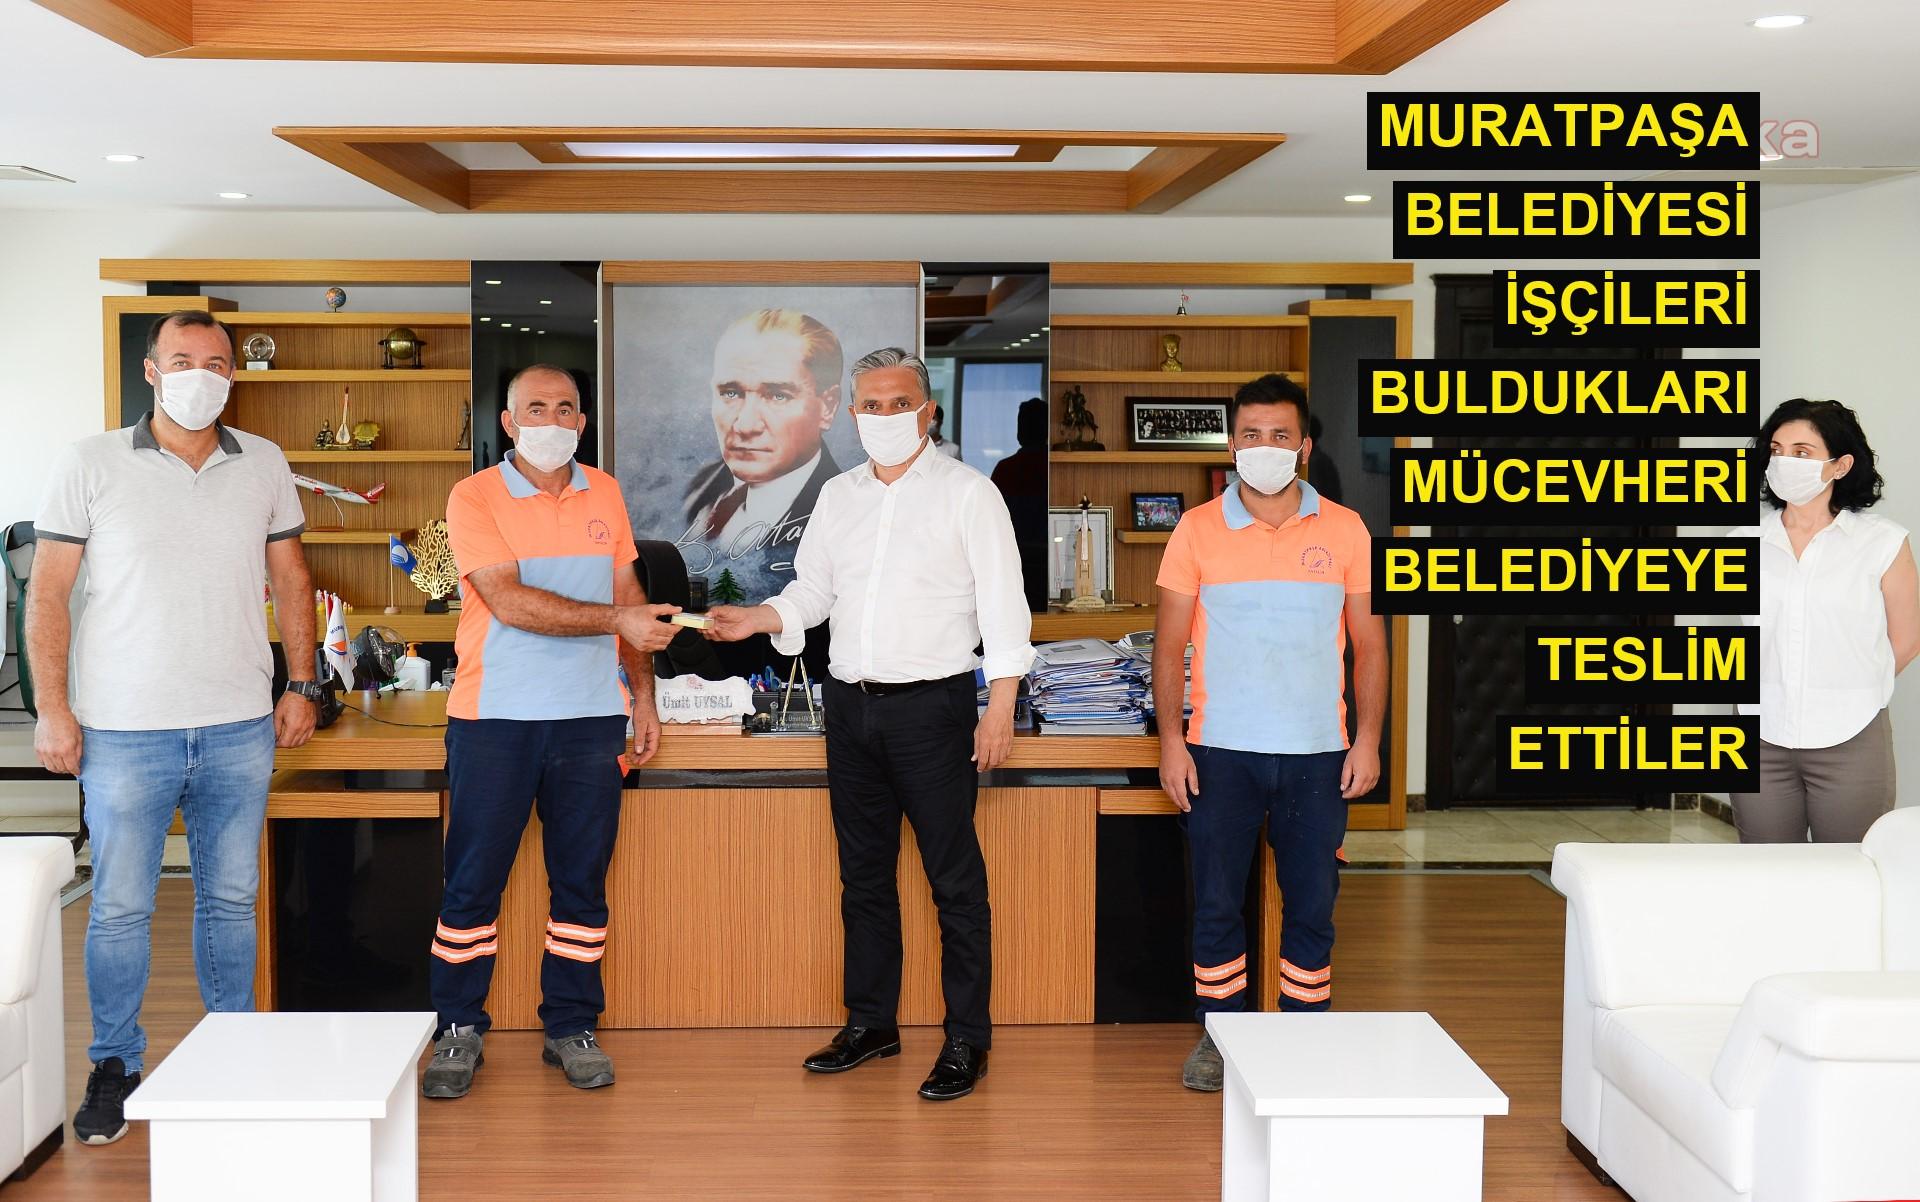 Muratpaşa Belediyesi işçileri buldukları mücevheri belediyeye teslim ettiler